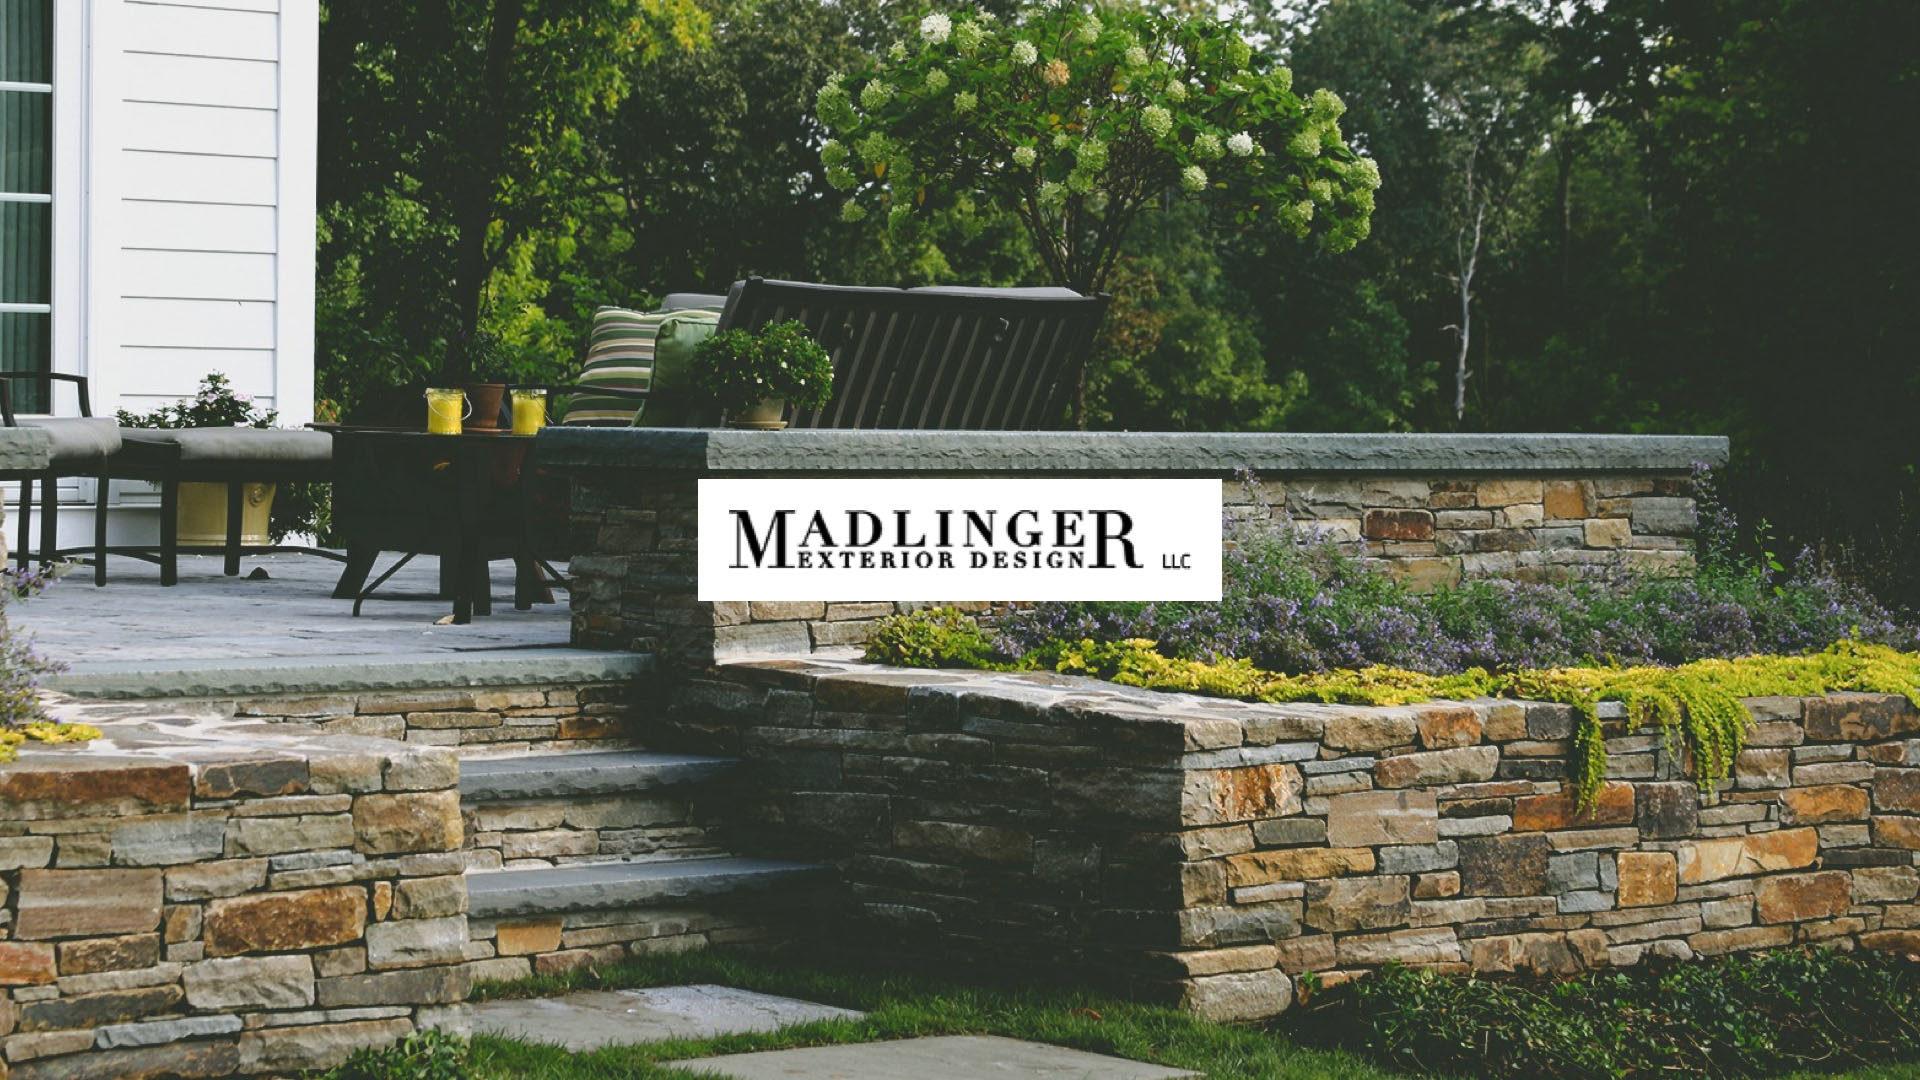 Madlinger